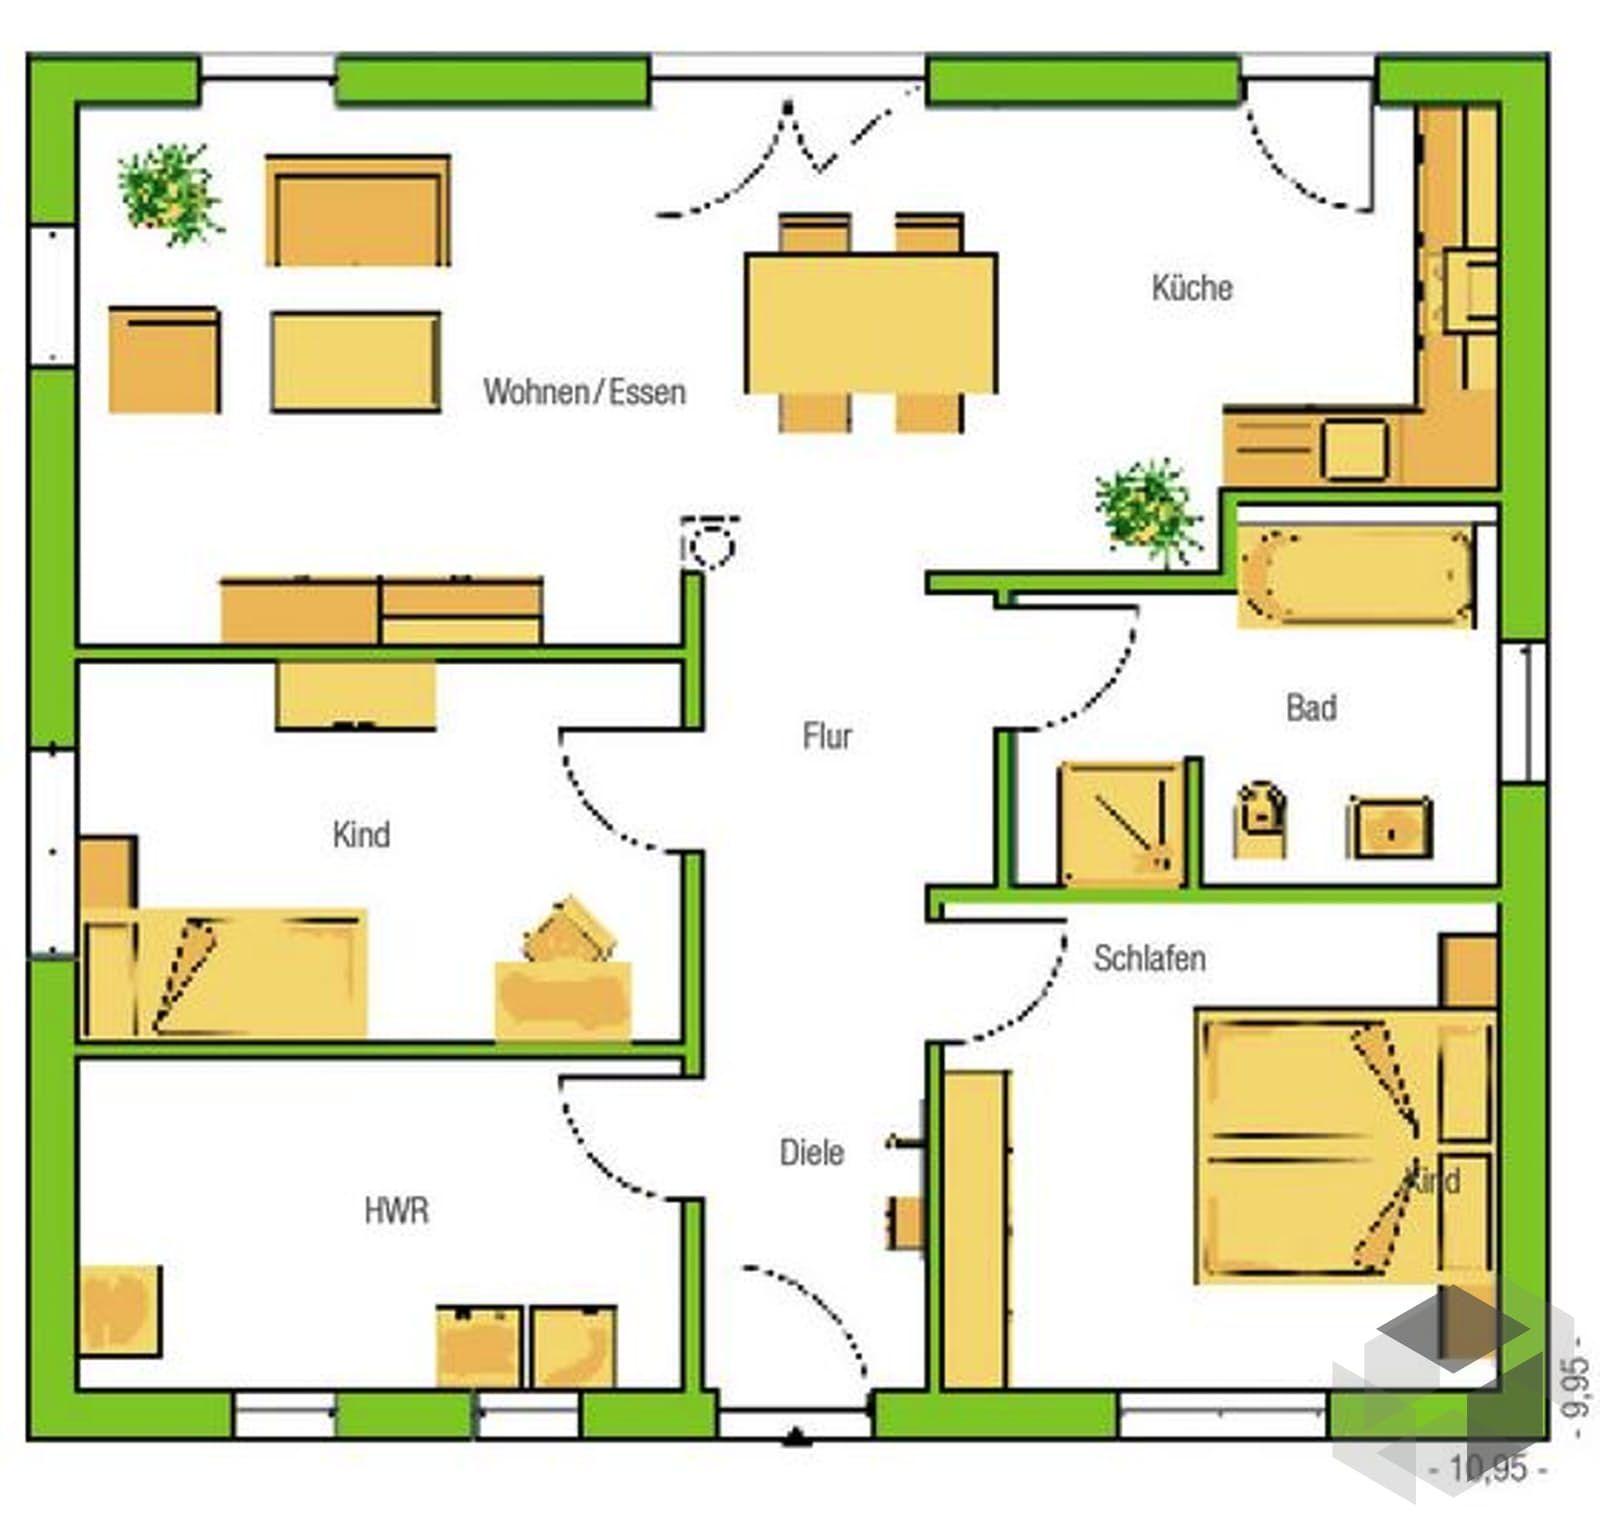 Pin von Marianne Jank auf Haus bungalow (mit Bildern